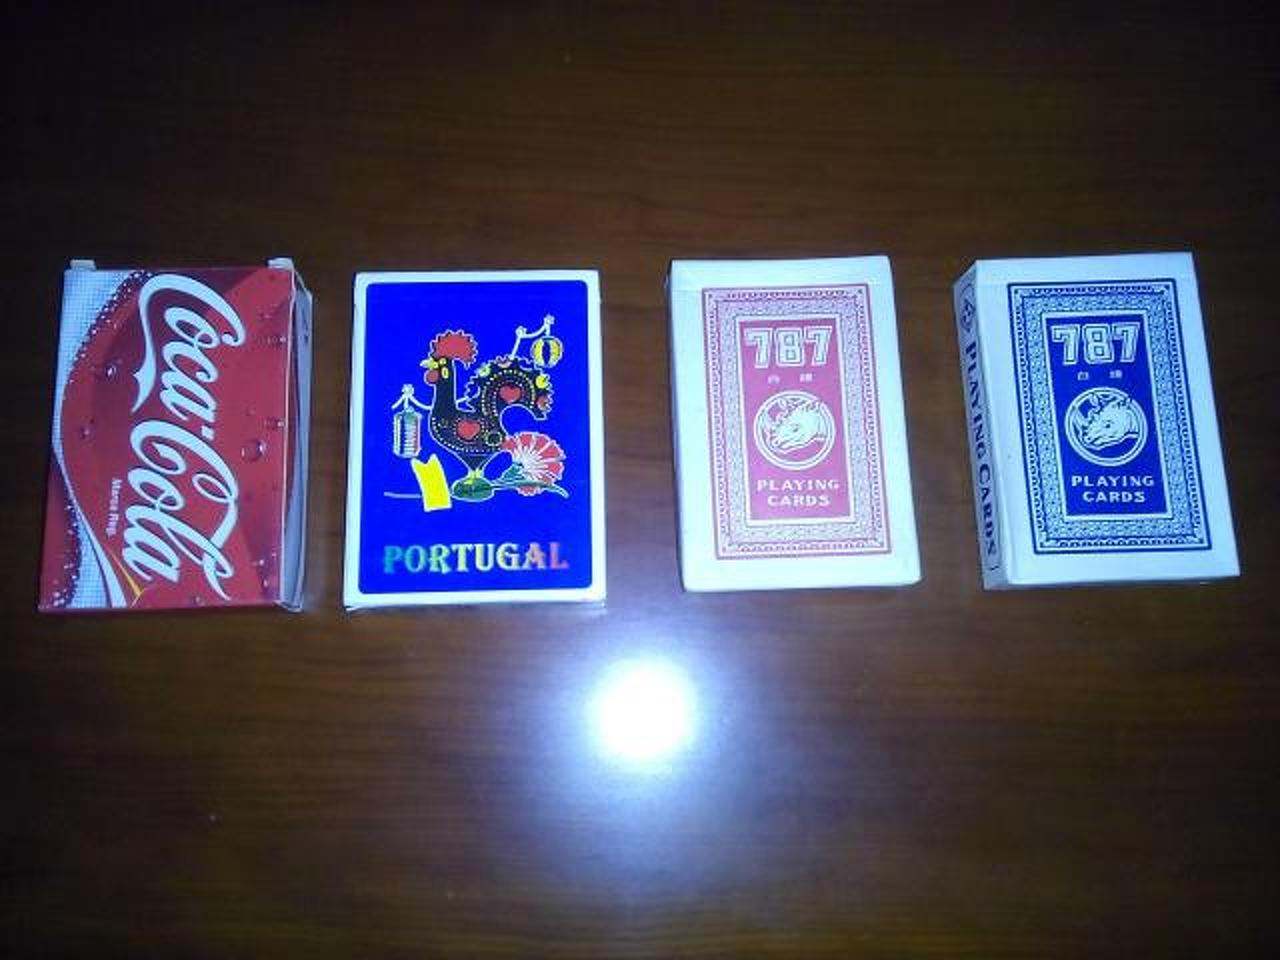 4 baralhos/jogos de cartas novos. - 1/2